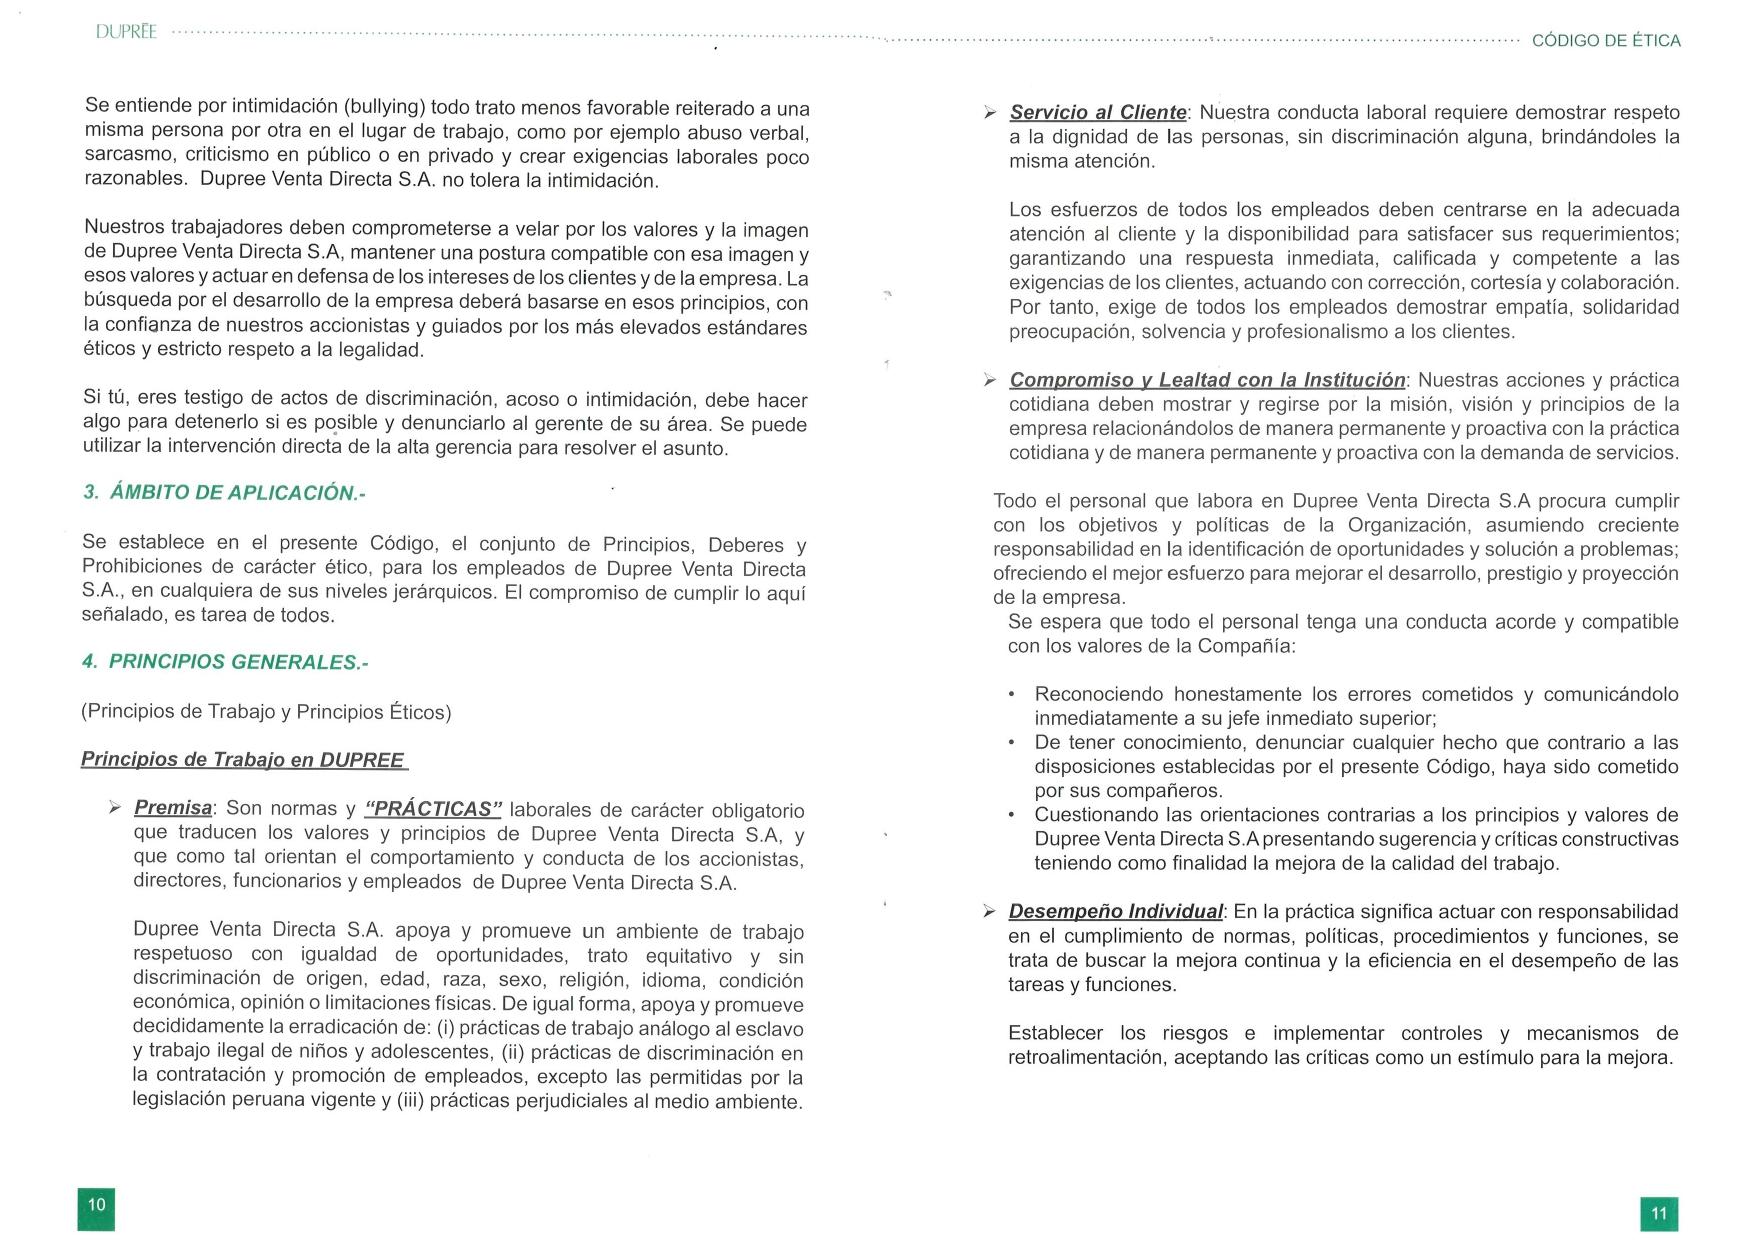 codigo-de-etica4